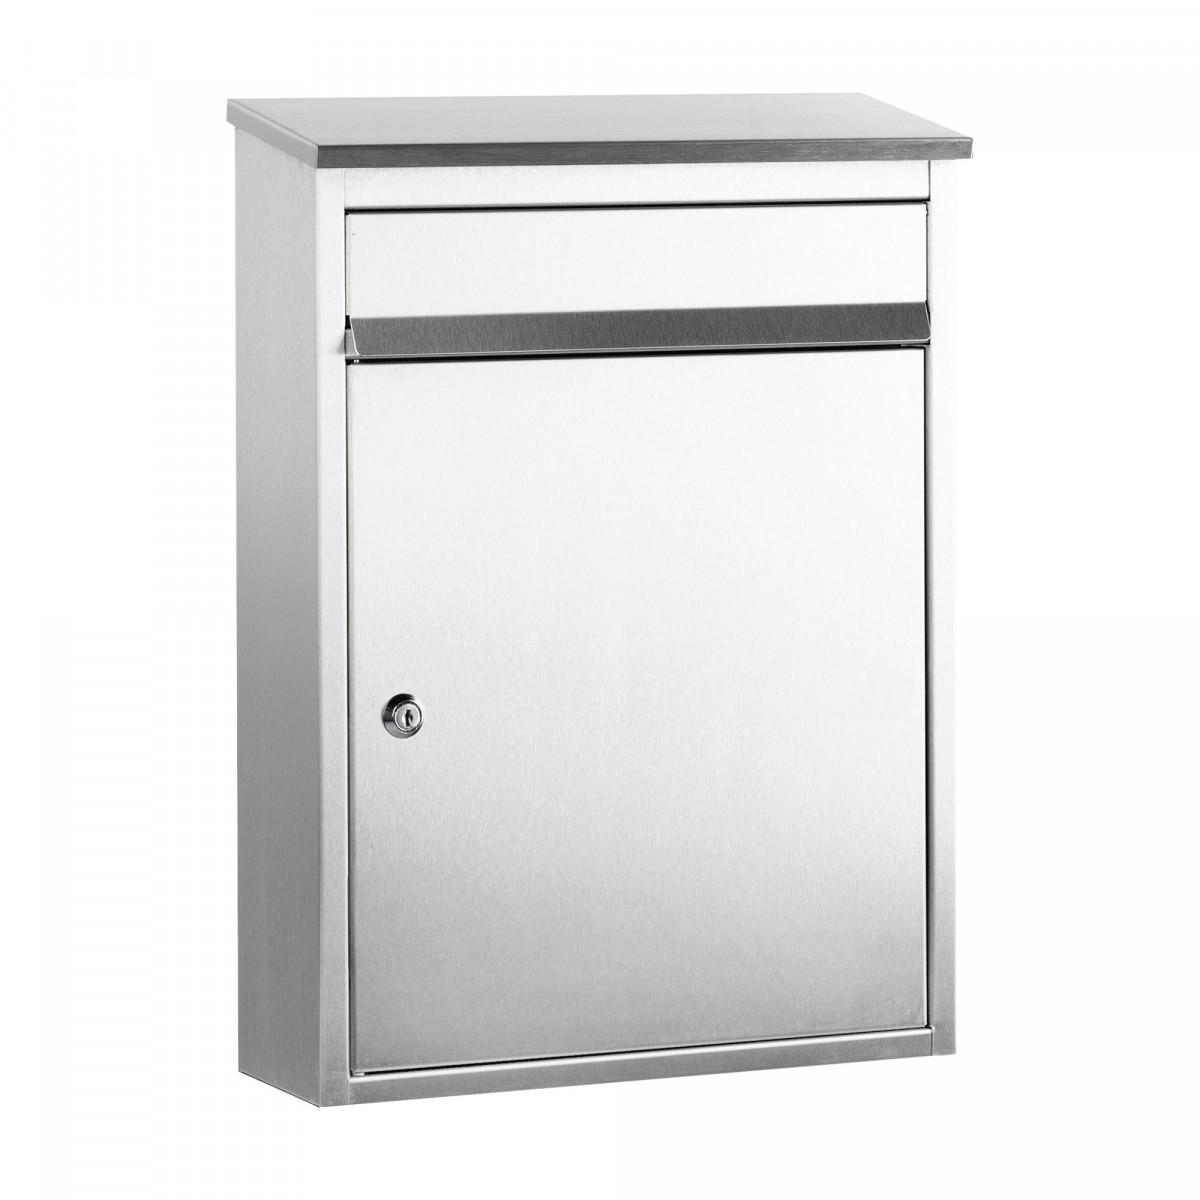 Post box B29 XXL